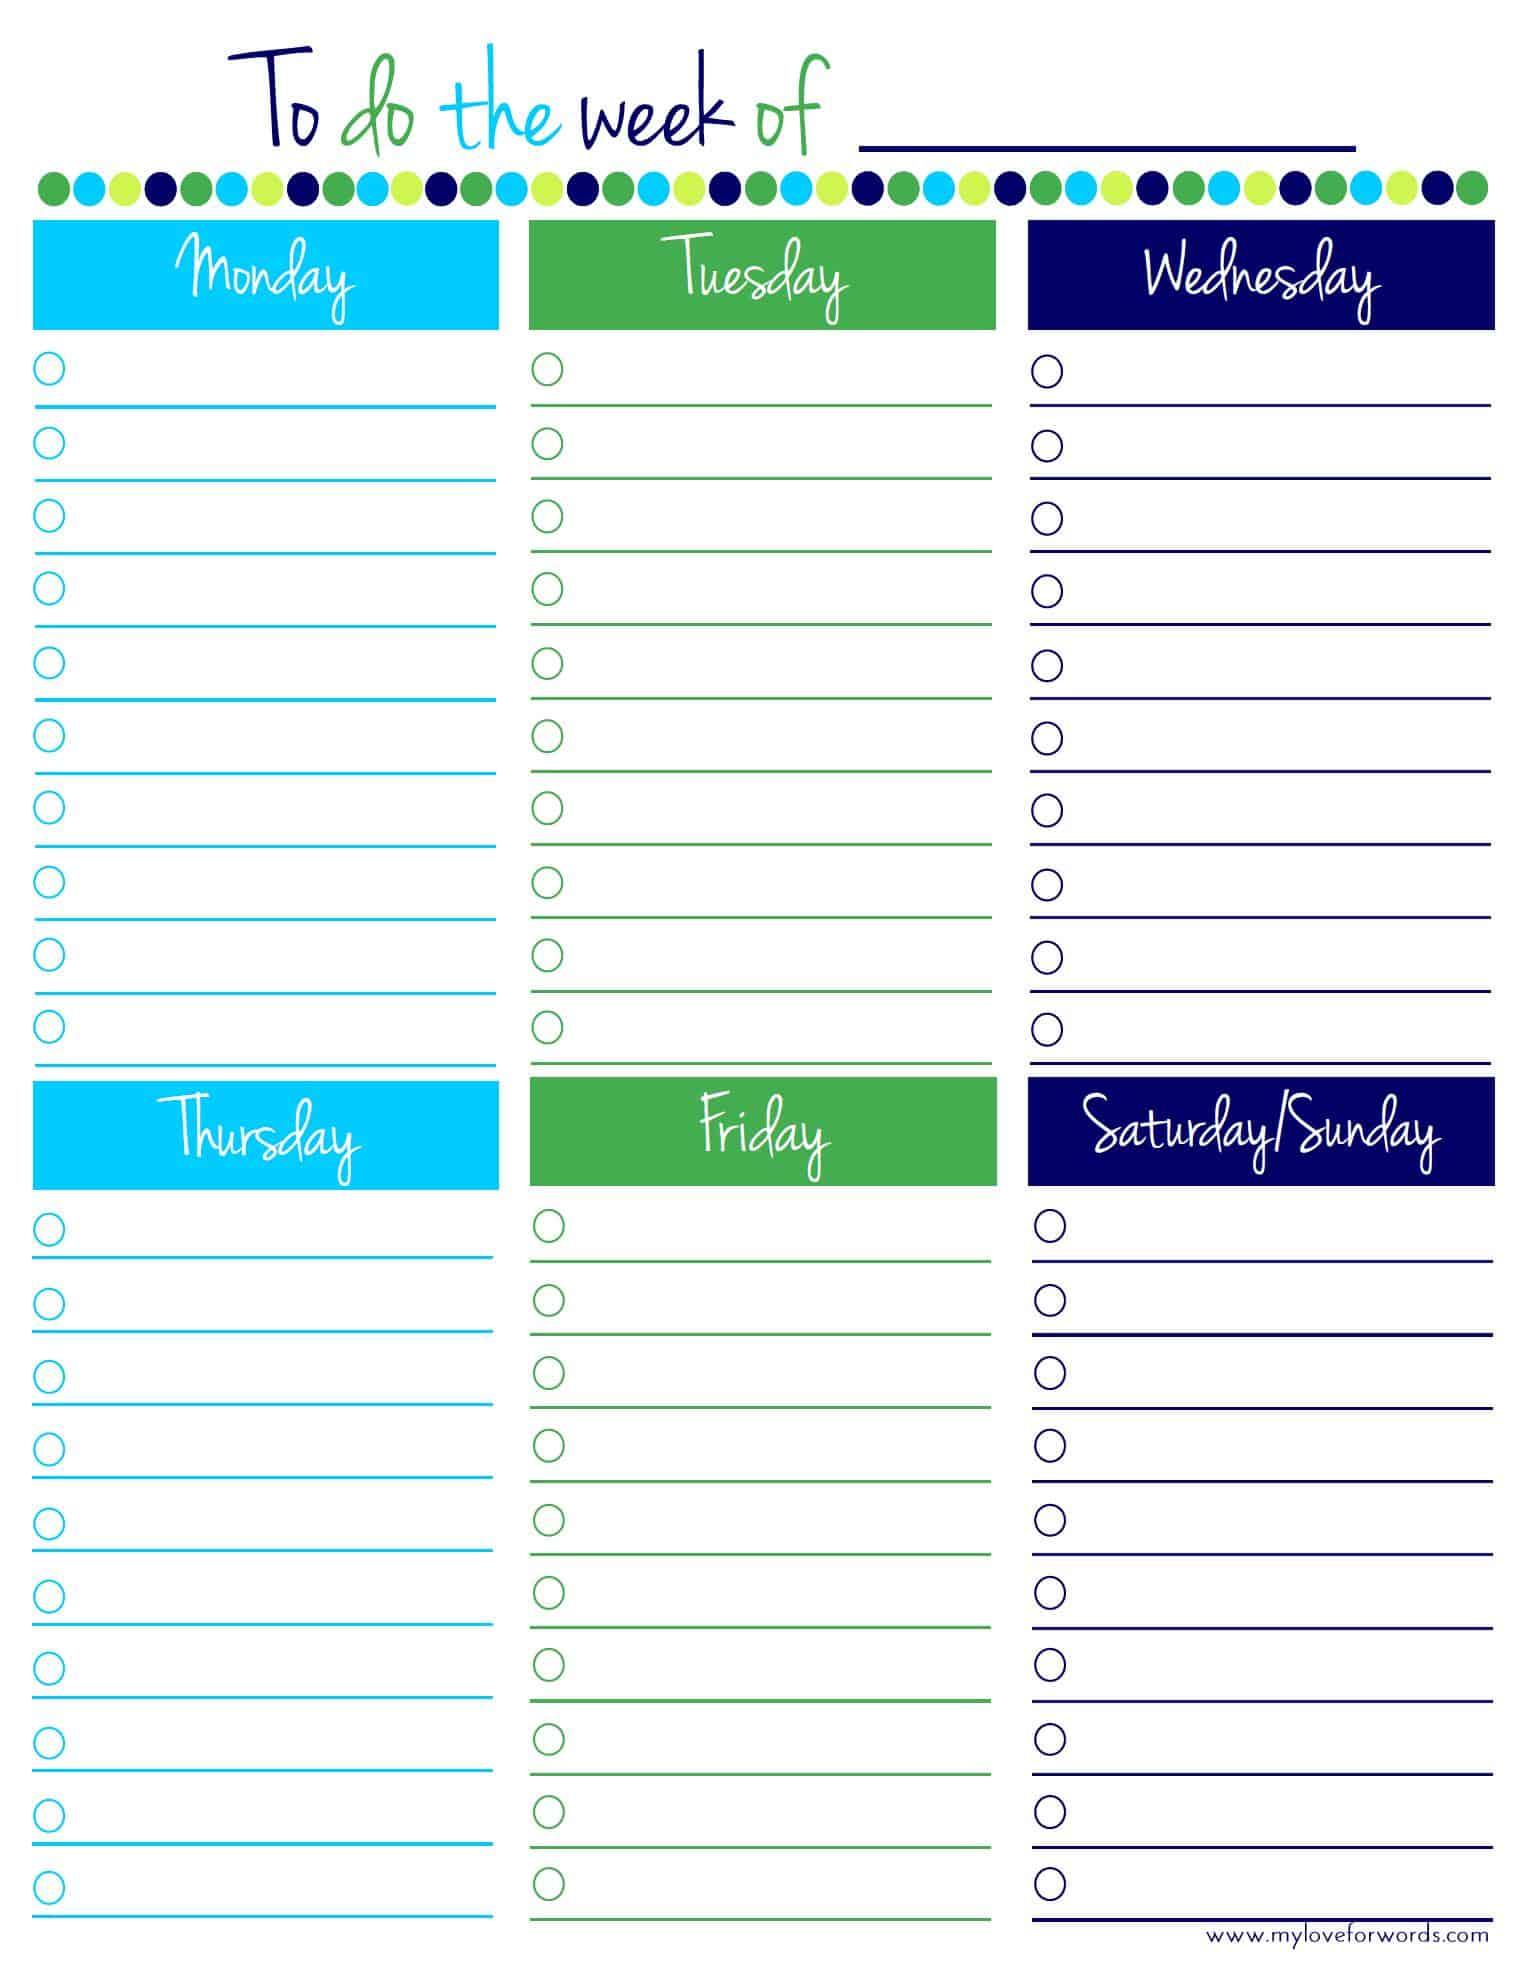 Freebie Friday: Weekly To Do List Freebie Friday: Freezer Inventory ...